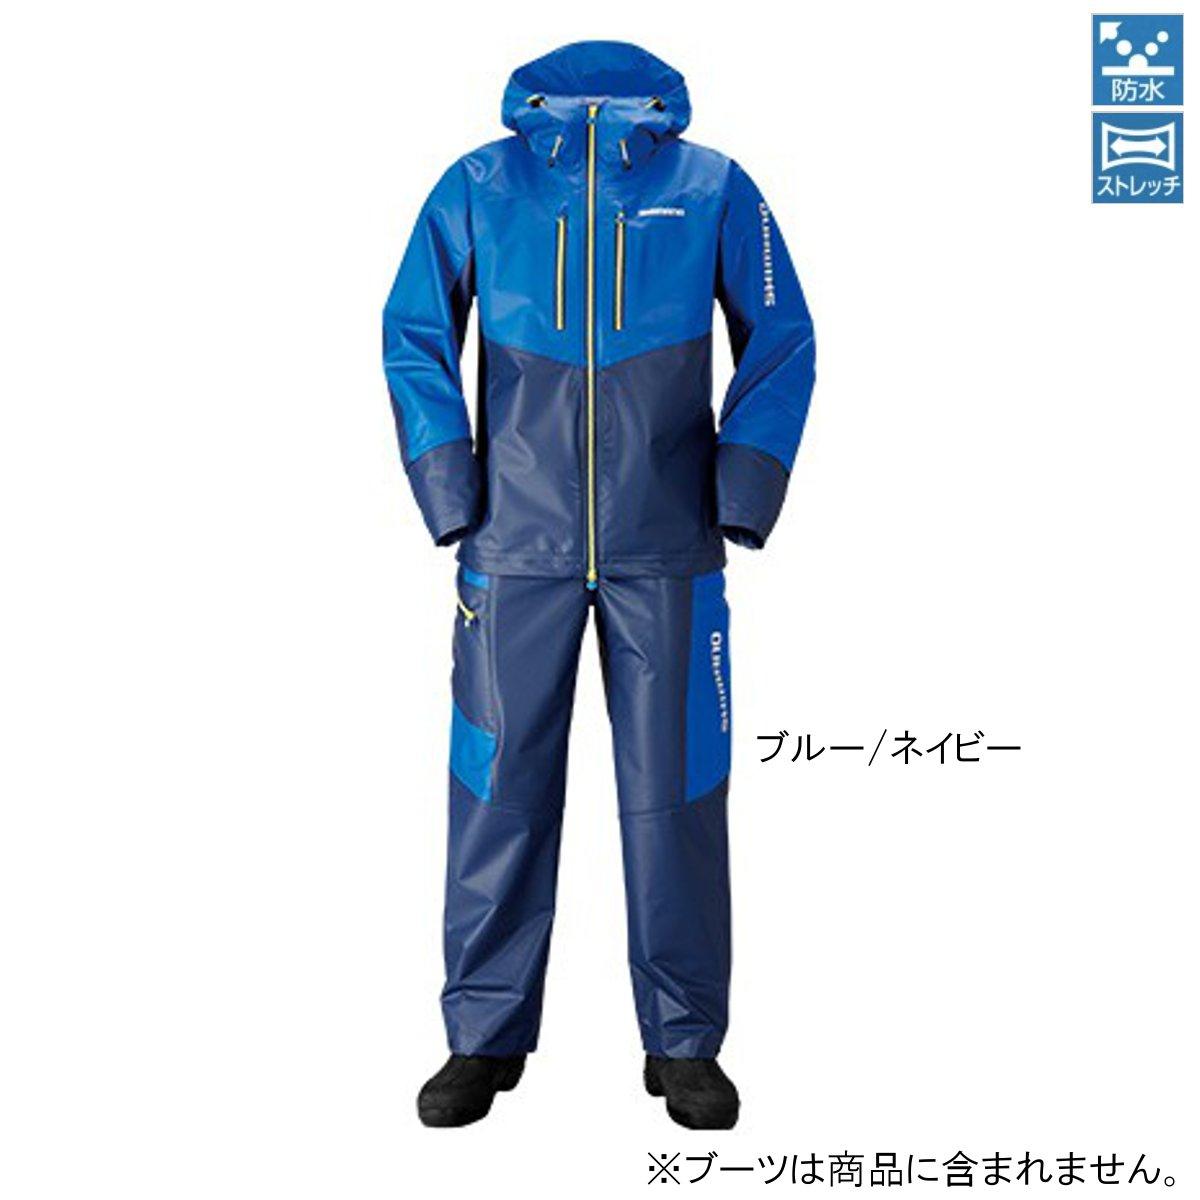 シマノ マリンライトスーツ RA-034N 2XL ブルー/ネイビー